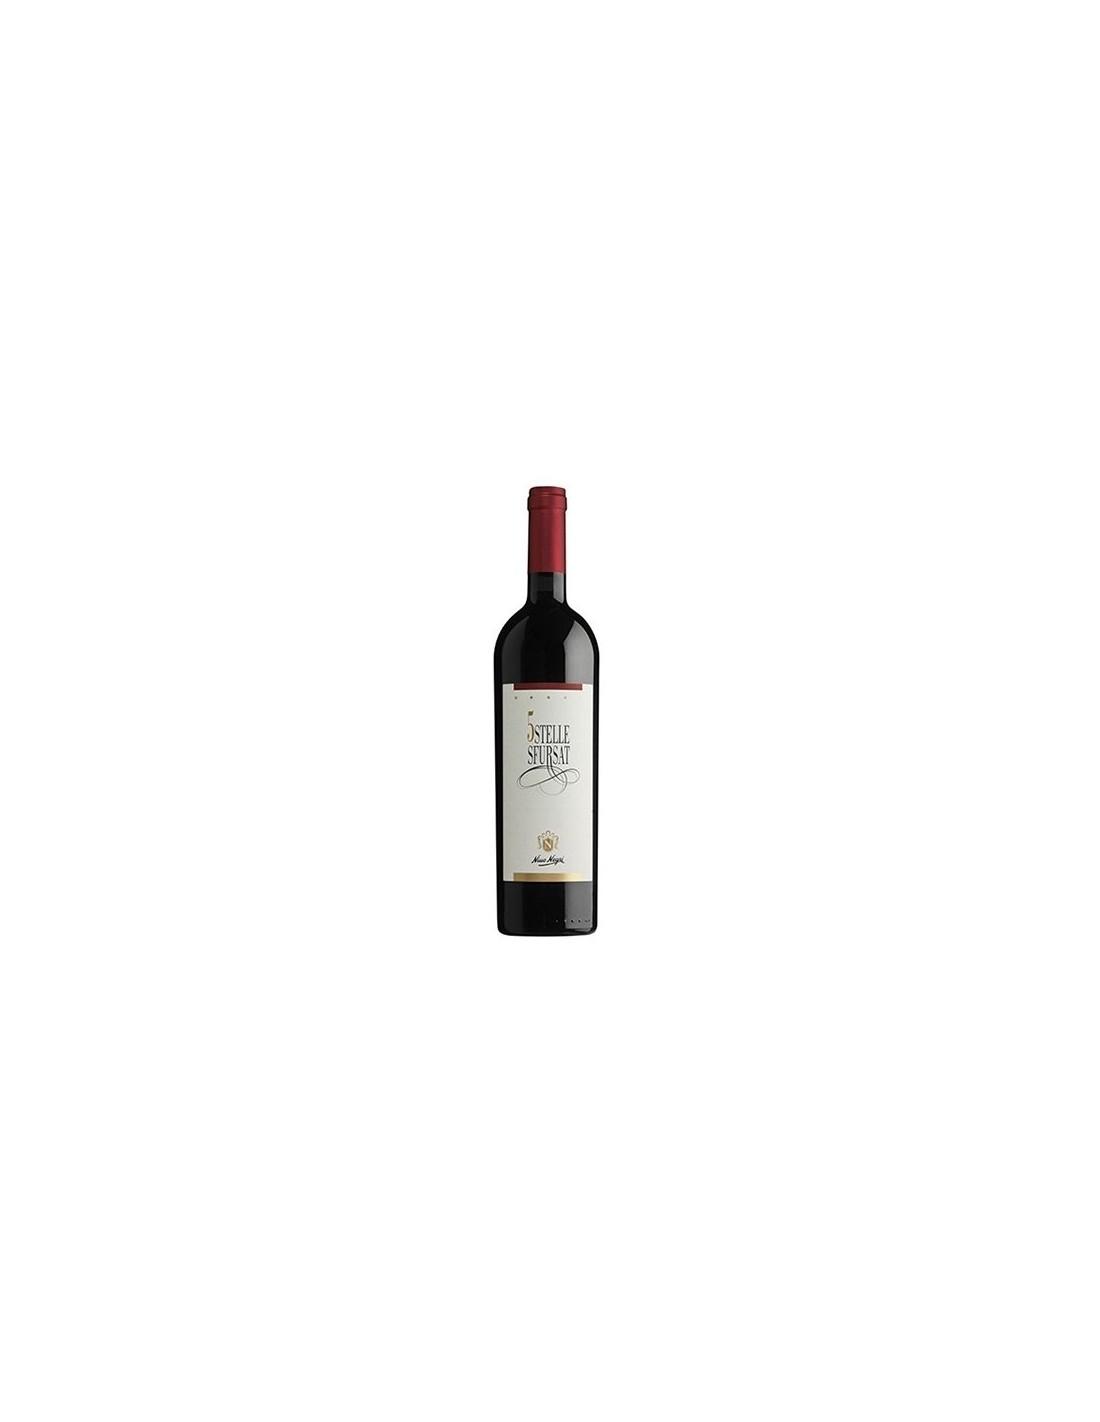 Vin rosu, Nebbiolo, 5 Stelle Sfursat Valtellina, 0.75L, 15.5% alc., Italia